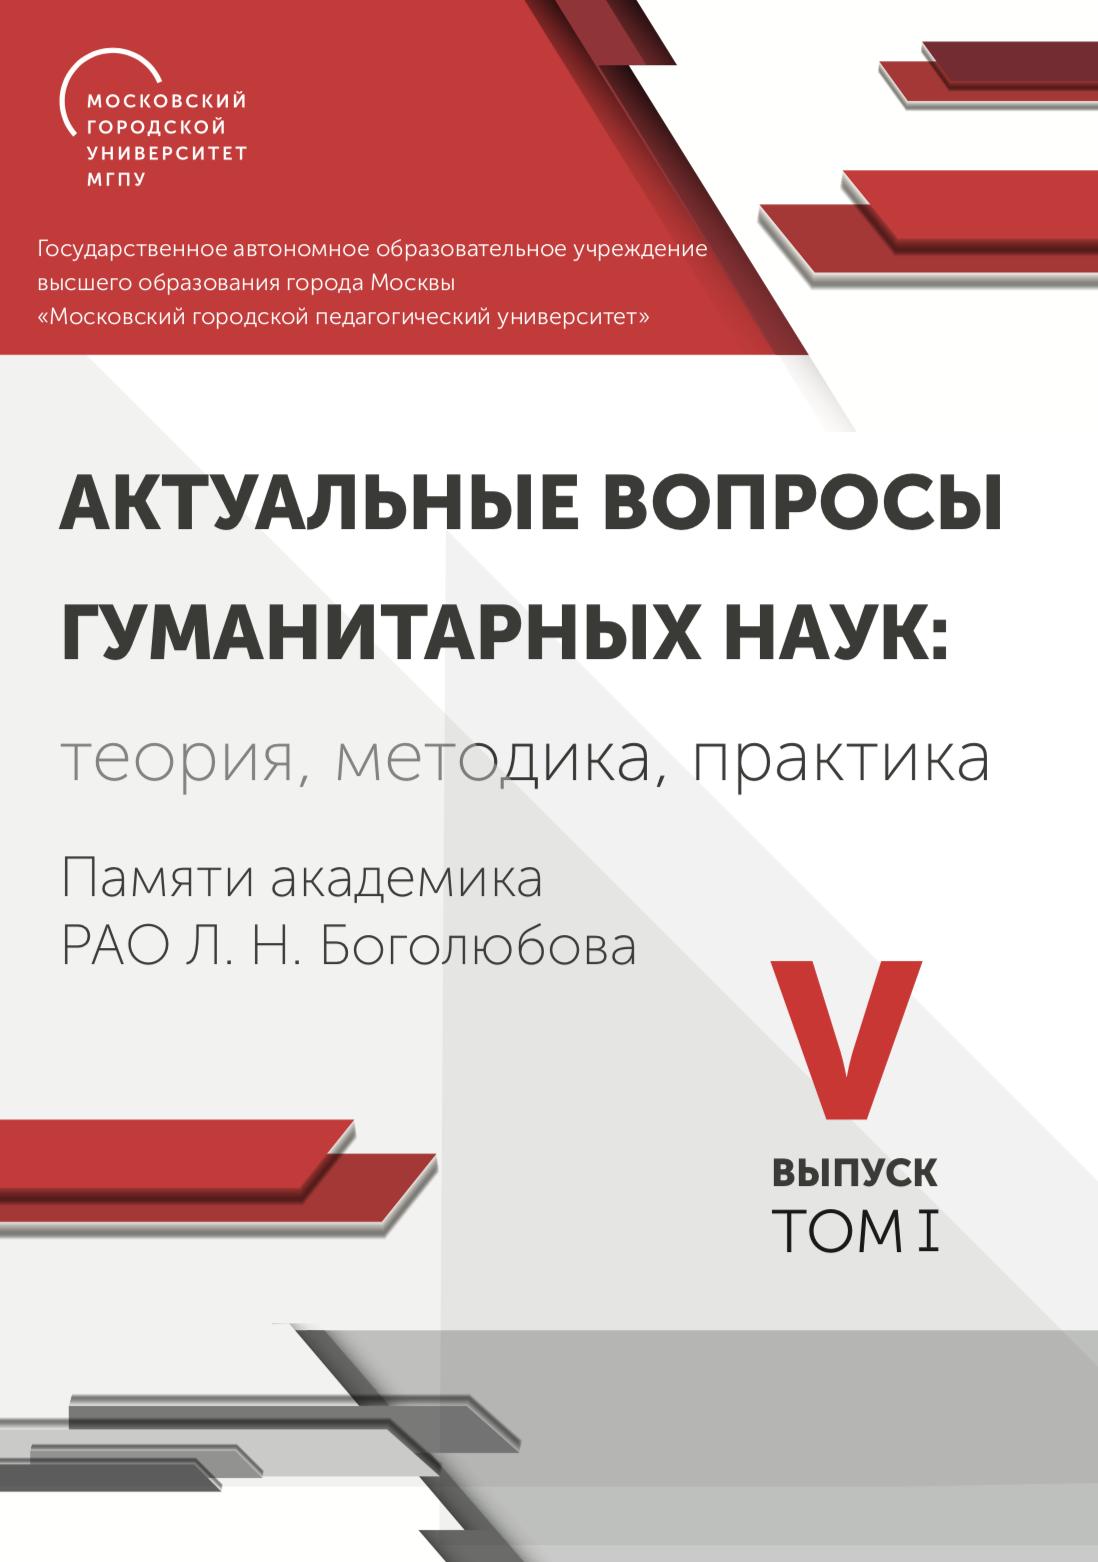 КАФЕДРАЛЬНЫЙ СБОРНИК 2018 том 1 / под ред. А.А.СОРОКИНА